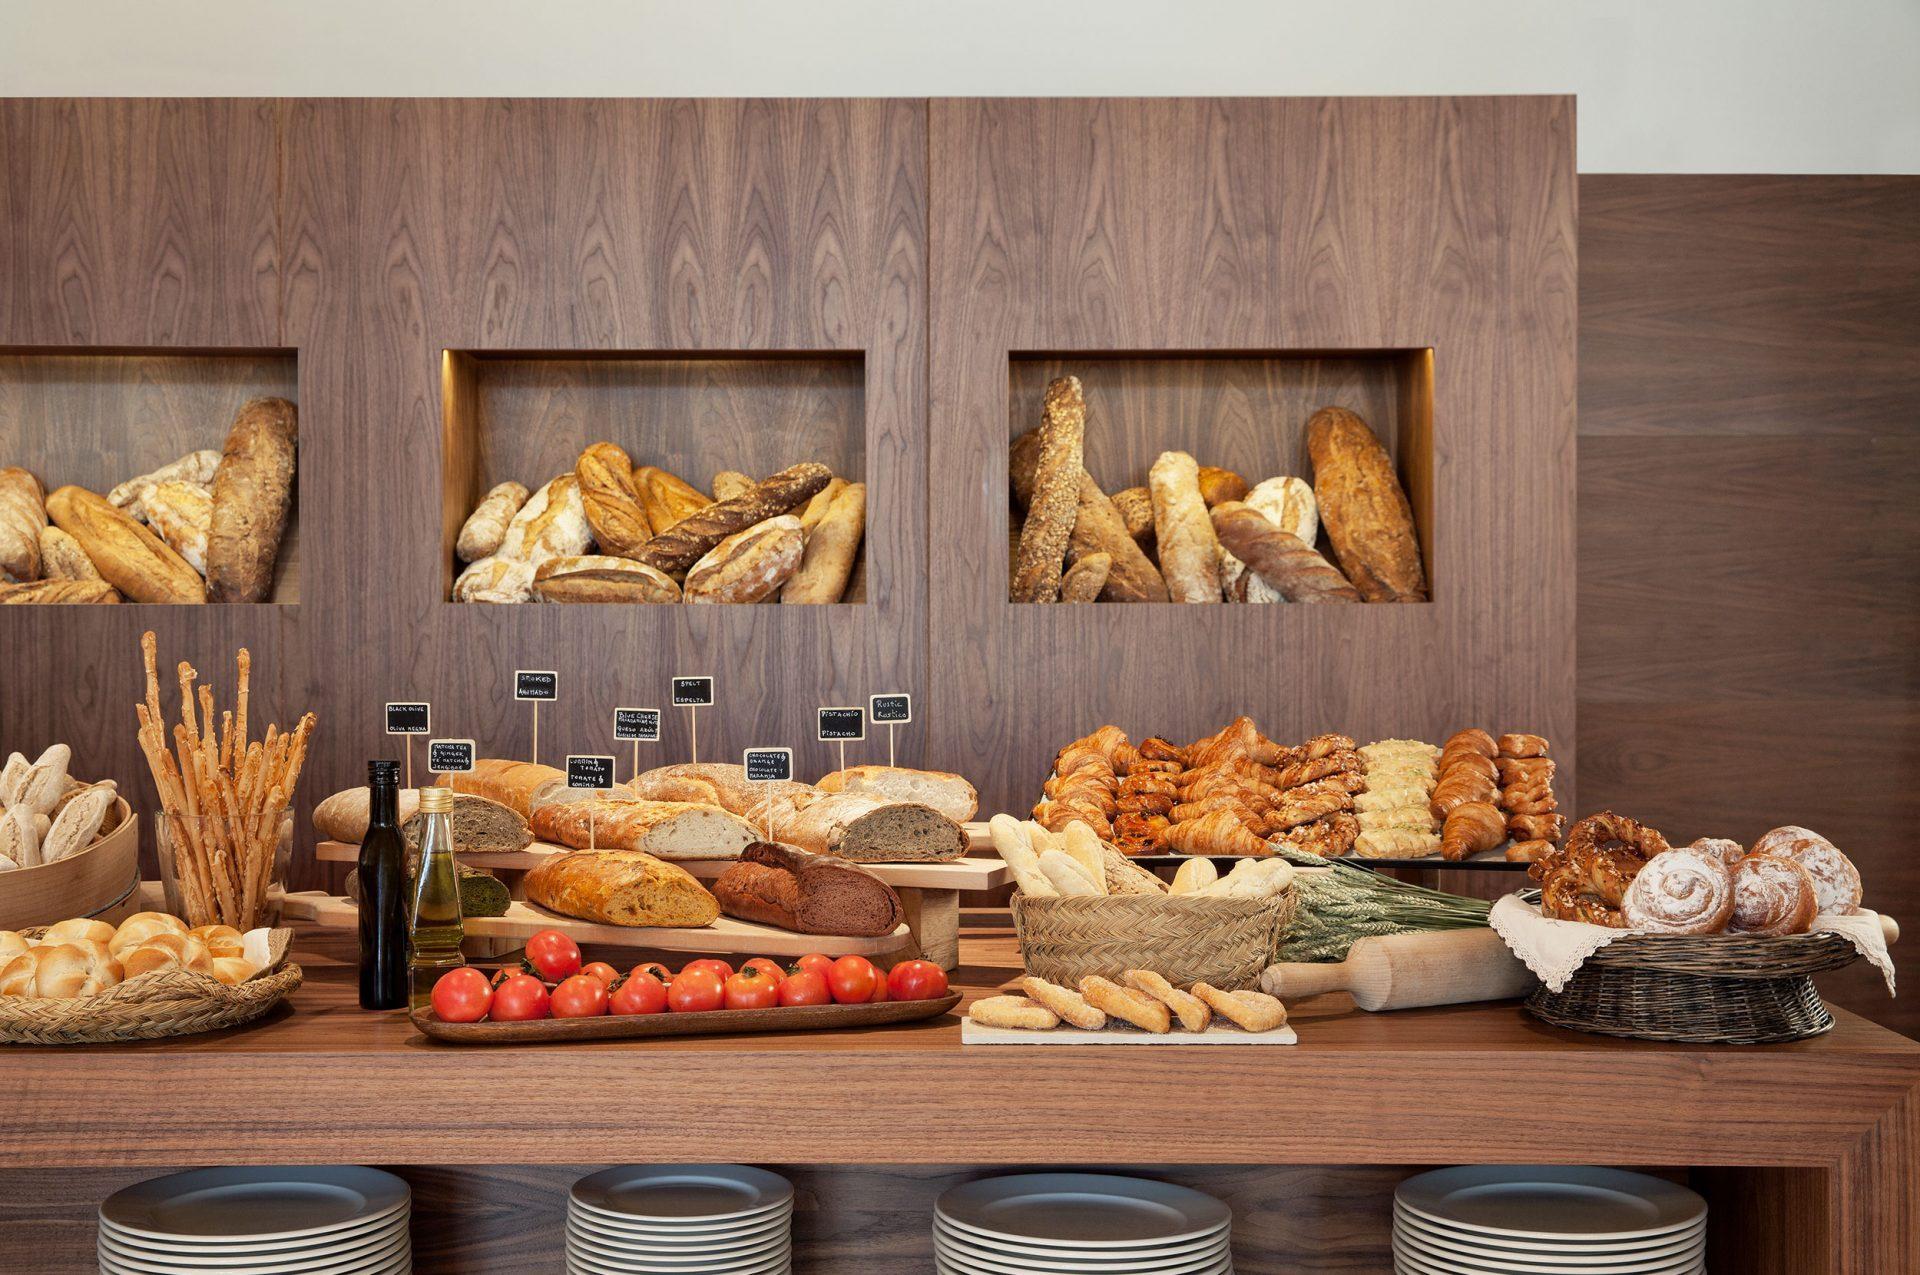 Ibiza Gran Hotel Gallery Luxury Breakfast Bread Buffet2